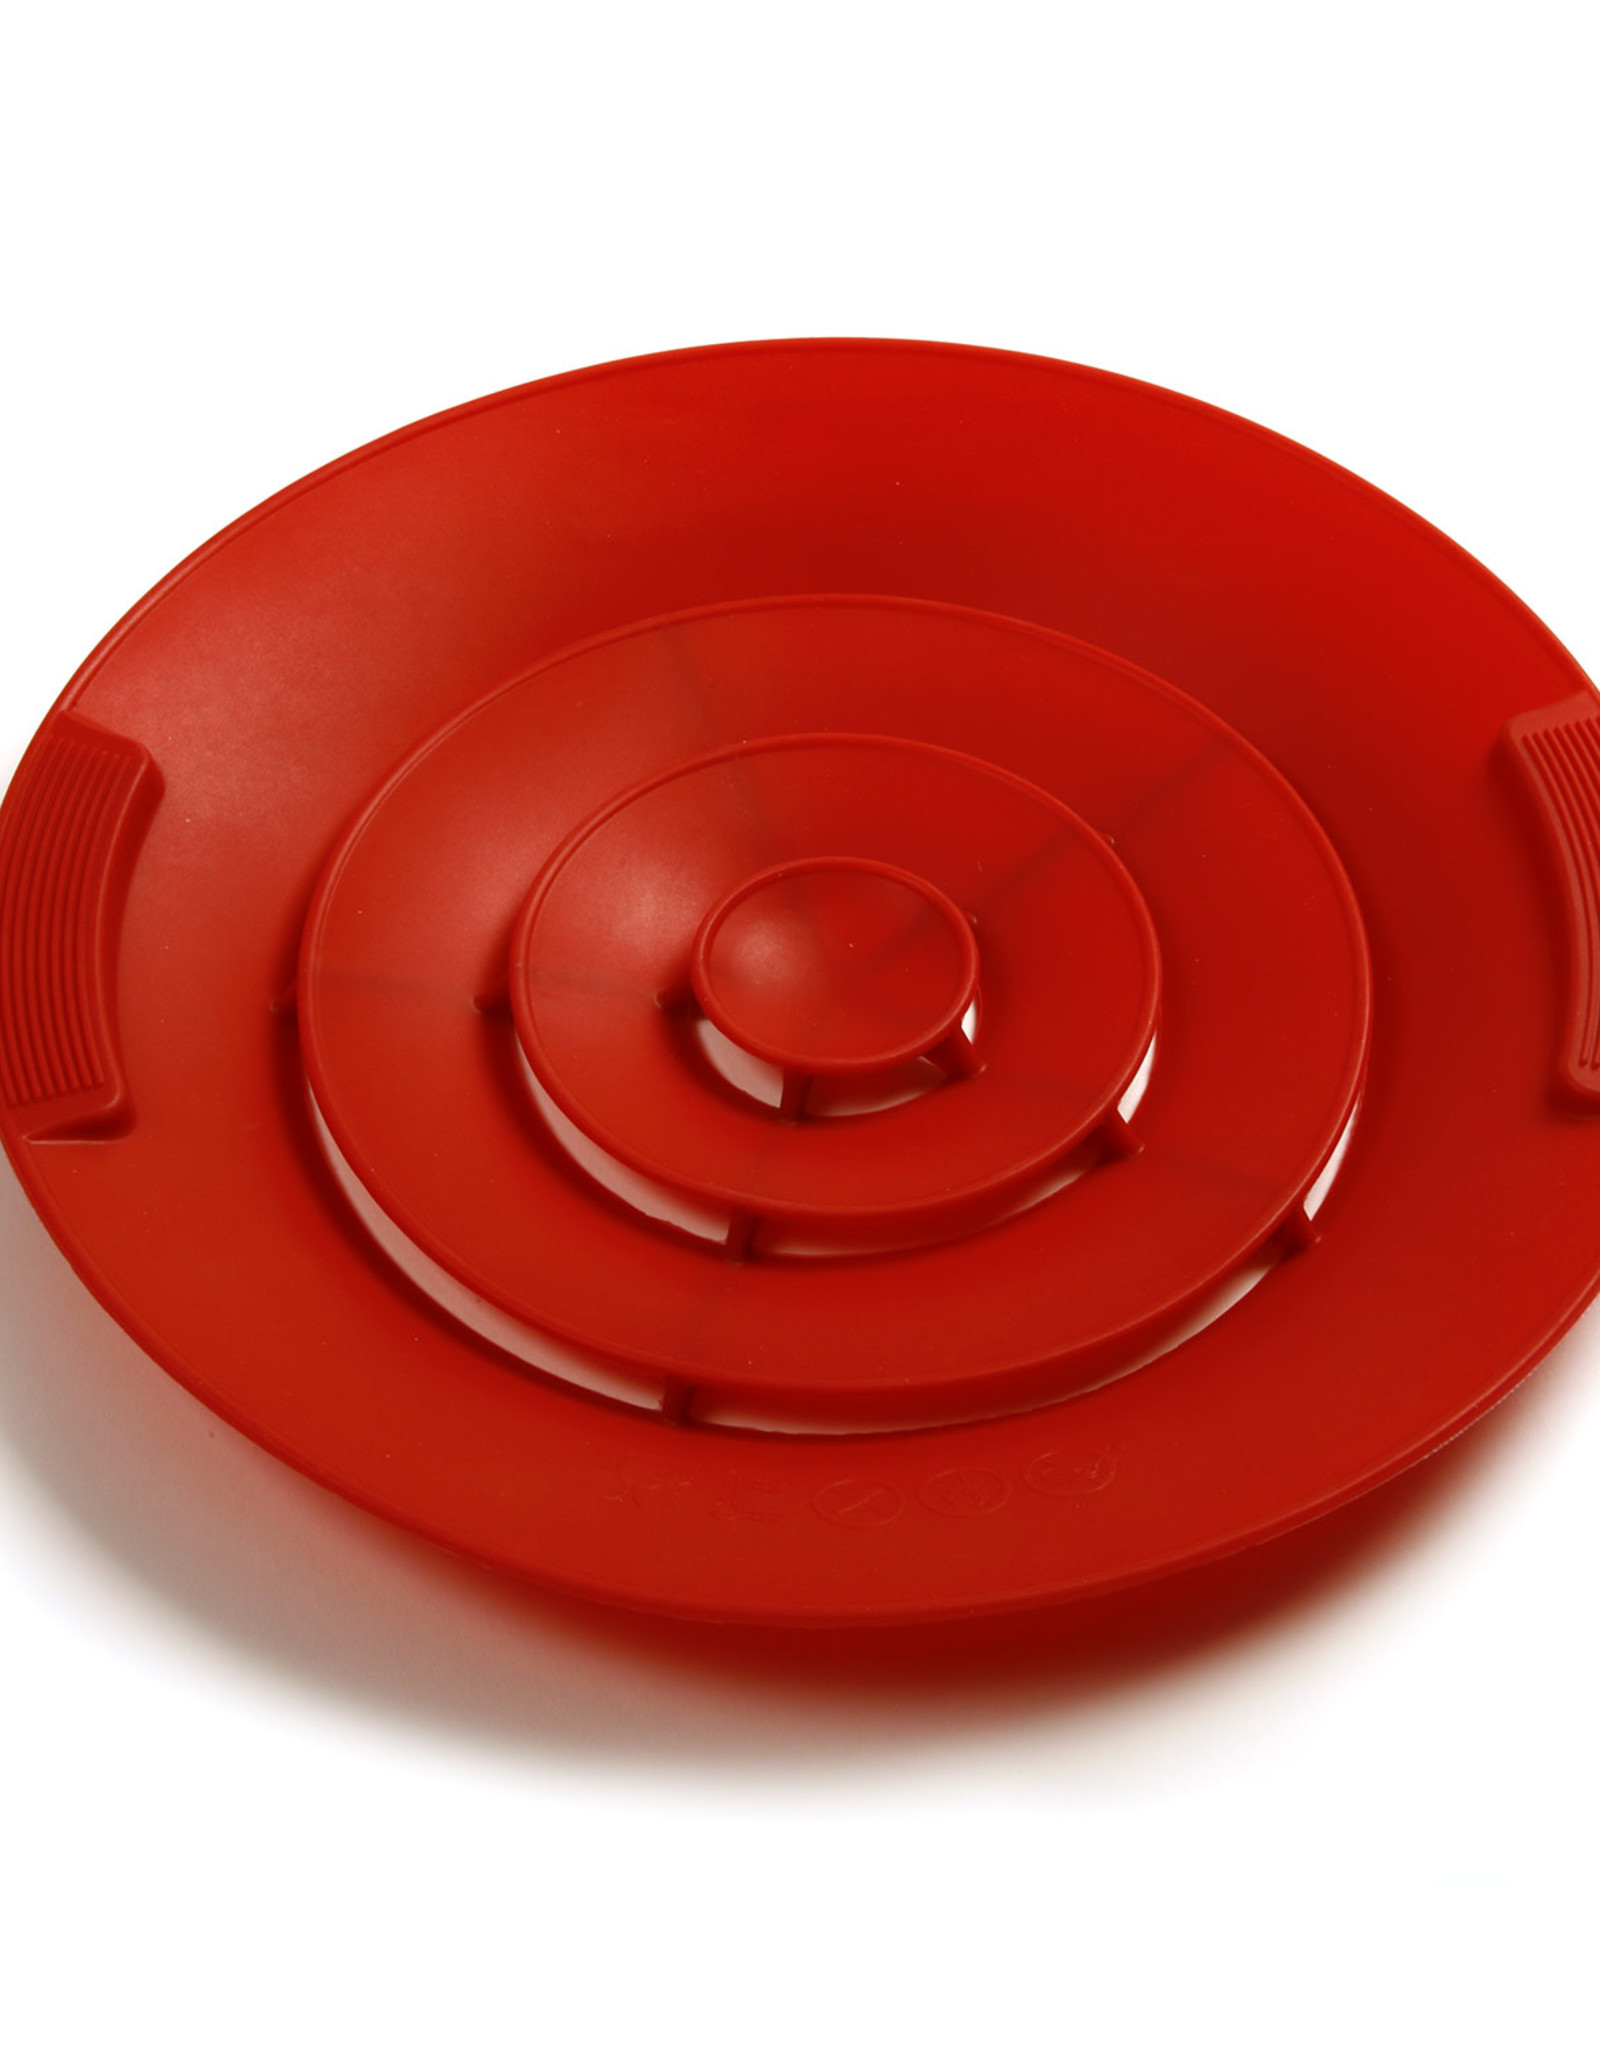 Norpro Couvercle anti-débordement en silicone Norpro